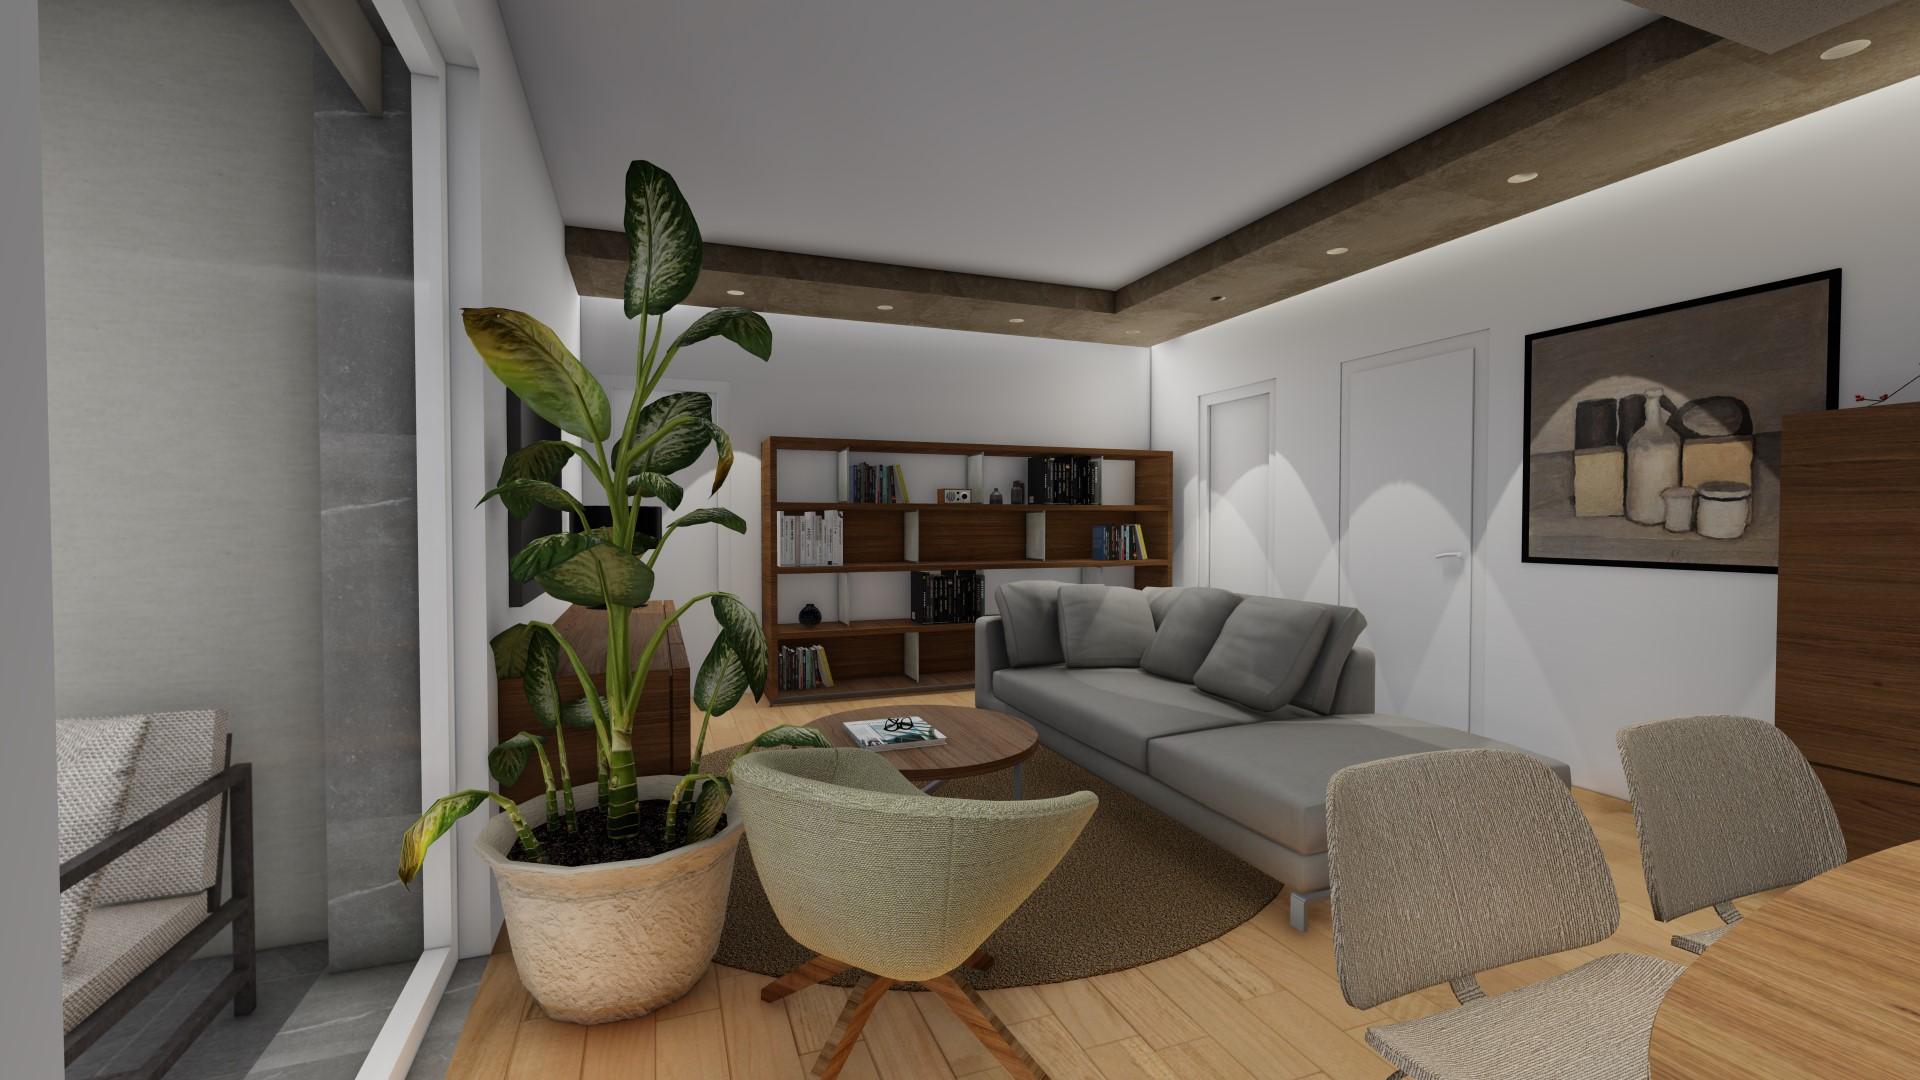 appartamento 4 locali a Treviglio - zona relax